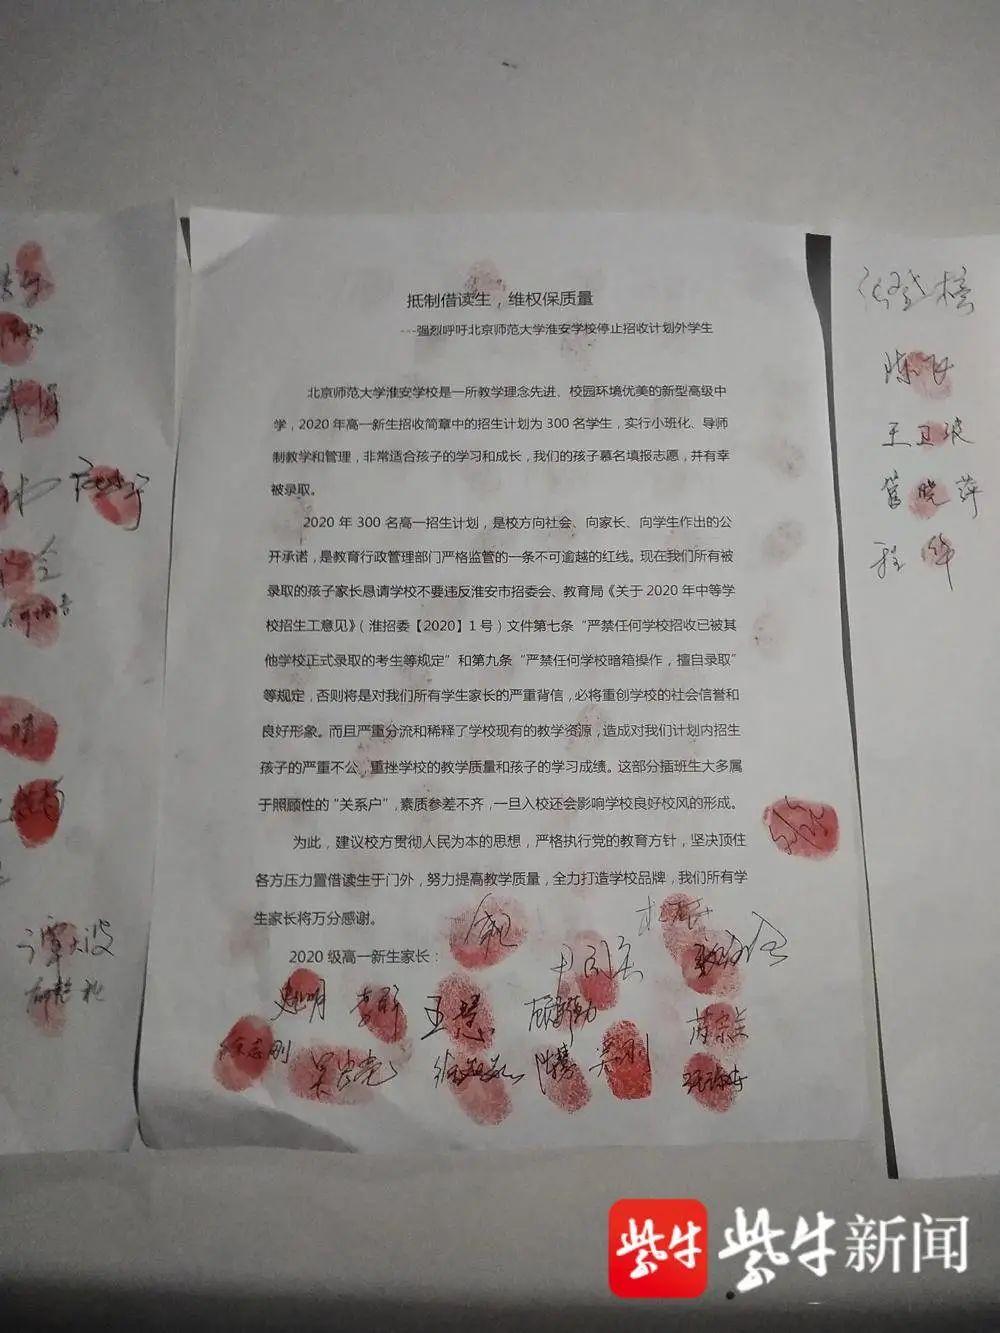 學生家長簽署聯名信抵制學校一次性招收近40名借讀生的做法